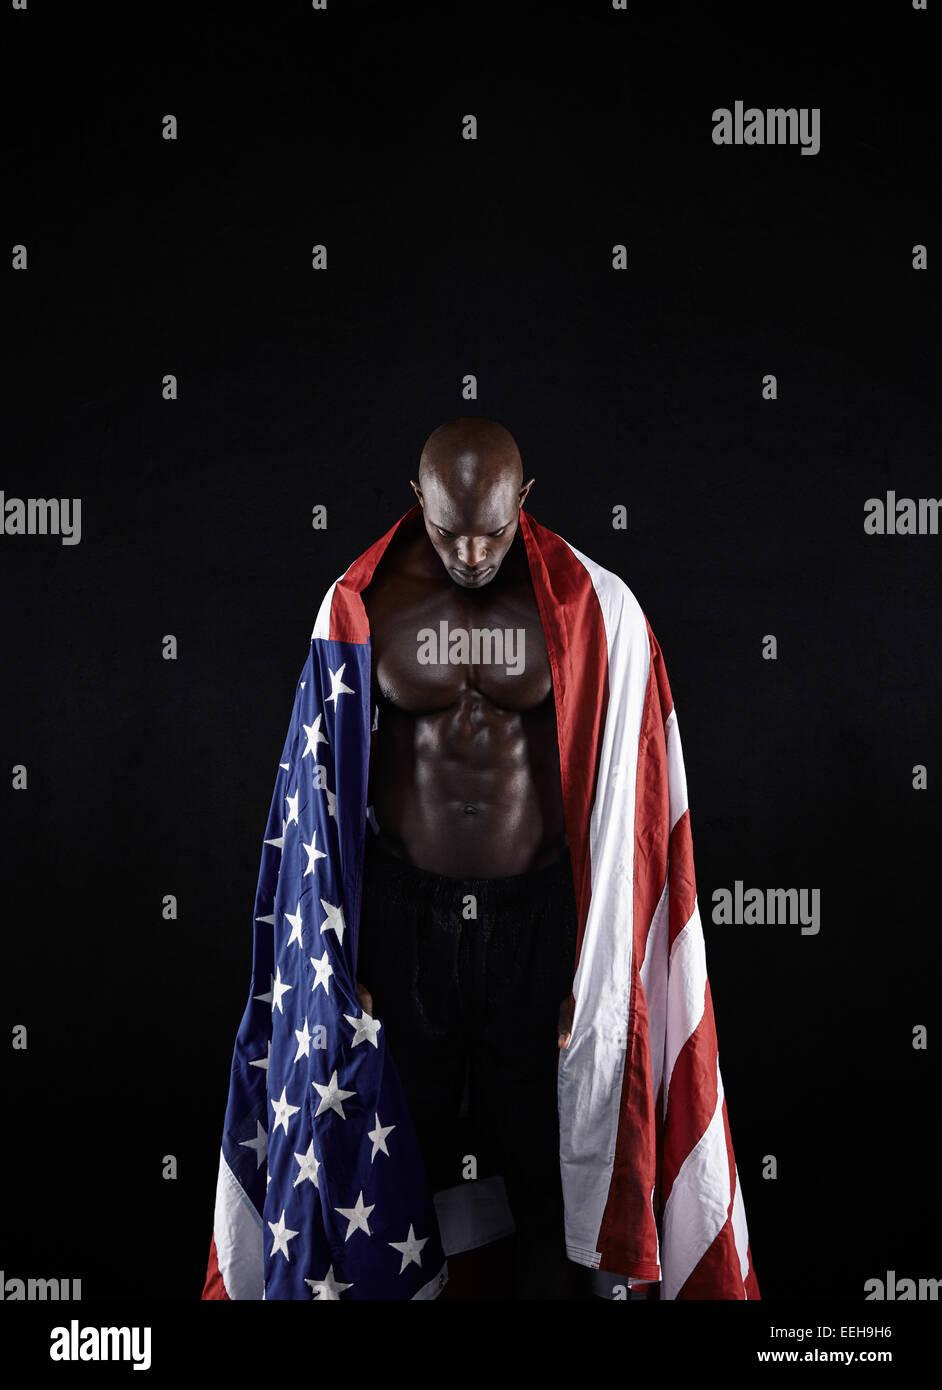 Descamisados musculoso hombre con bandera americana sobre fondo negro. Atletas Olímpicos con bandera de EE.UU. Imagen De Stock